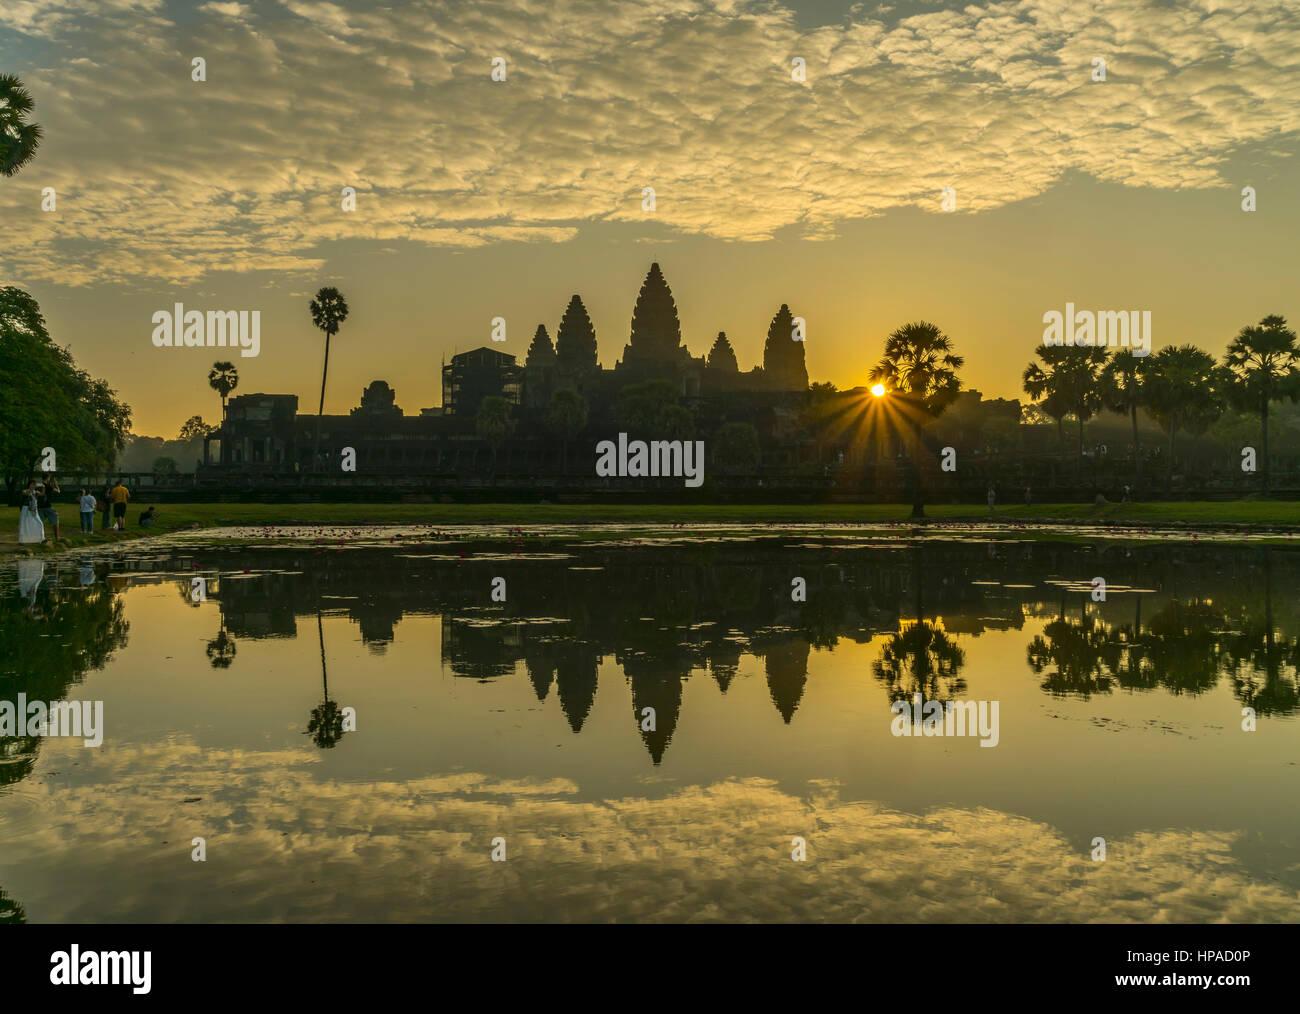 Sunrise, Angkor Wat, Cambodia - Stock Image